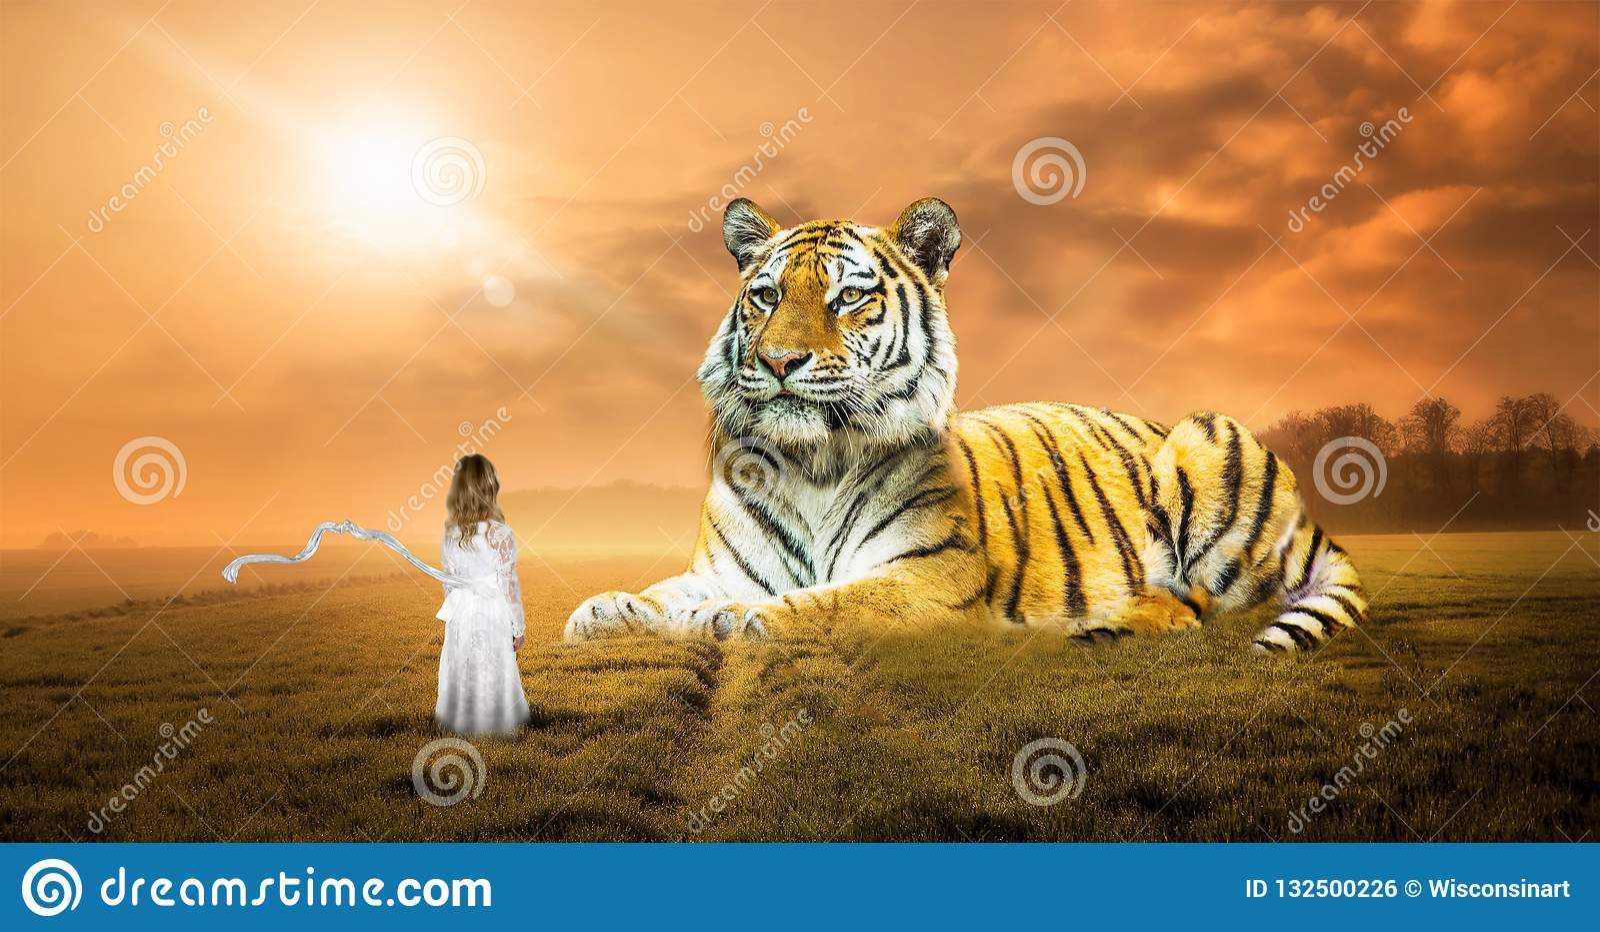 Sogno surreale di fantasia, tigre, natura, ragazza, immaginazione